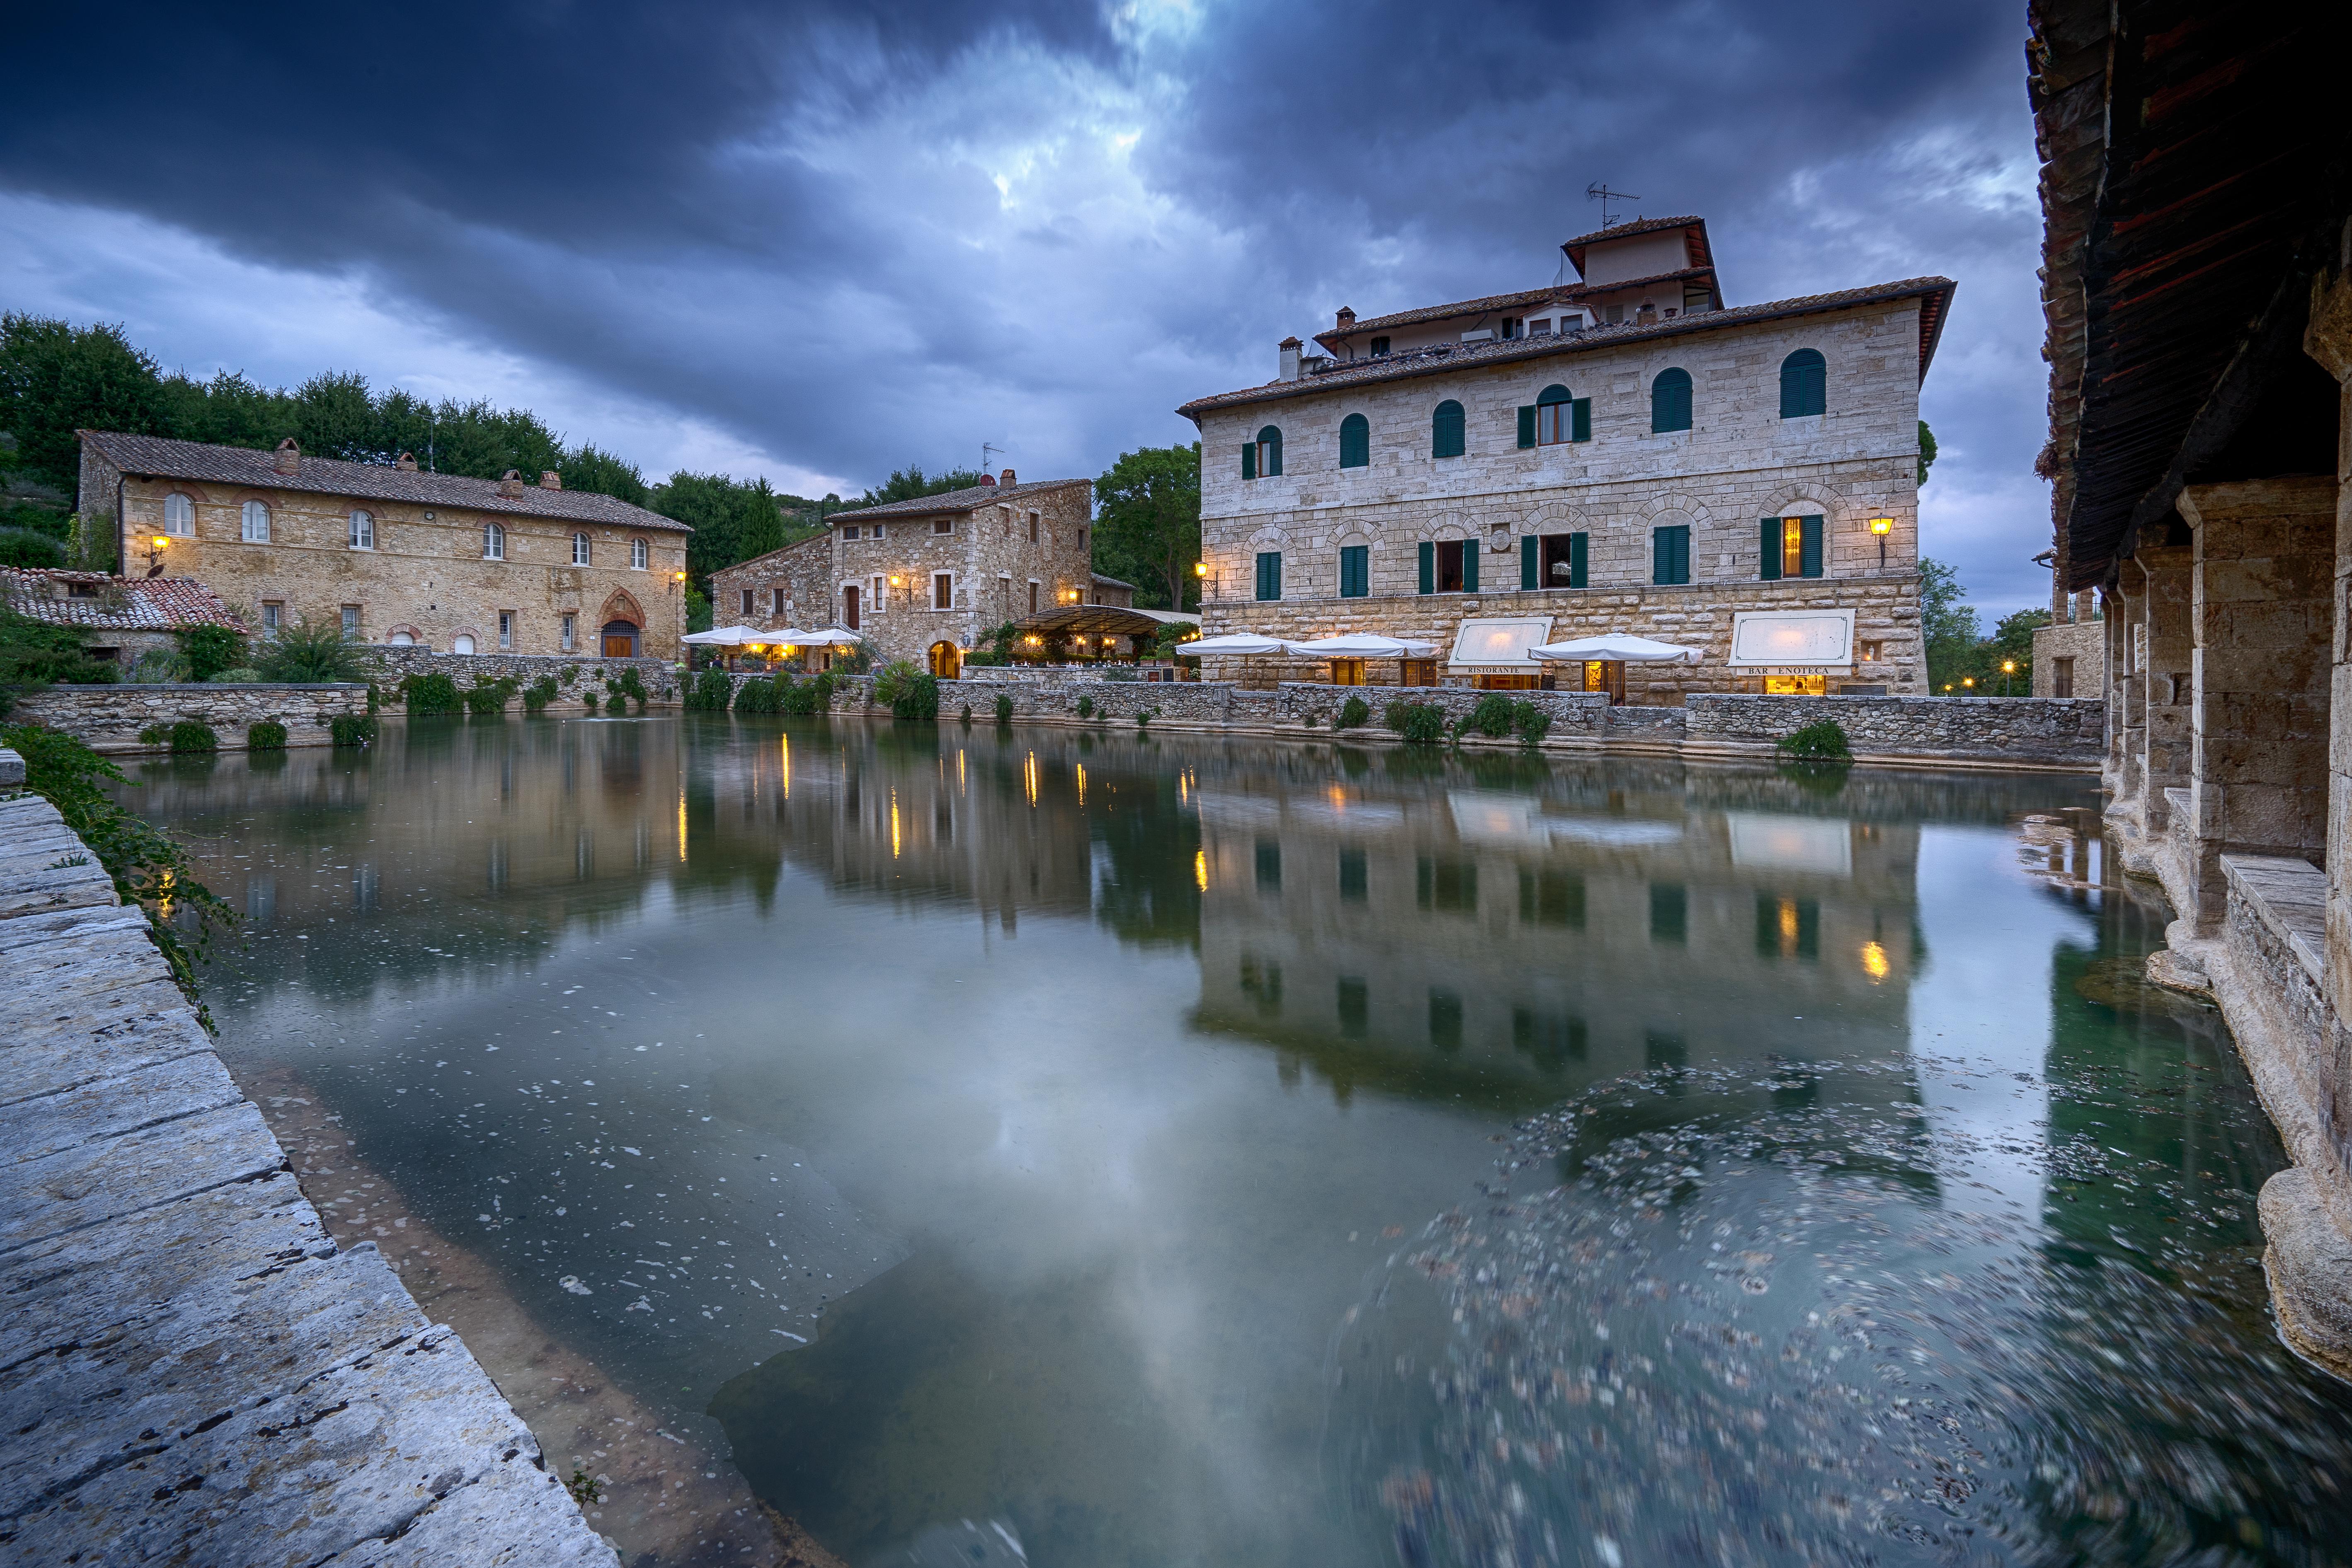 Bagno vignoni bagno vignoni vasca termale e il palazzo rossellino